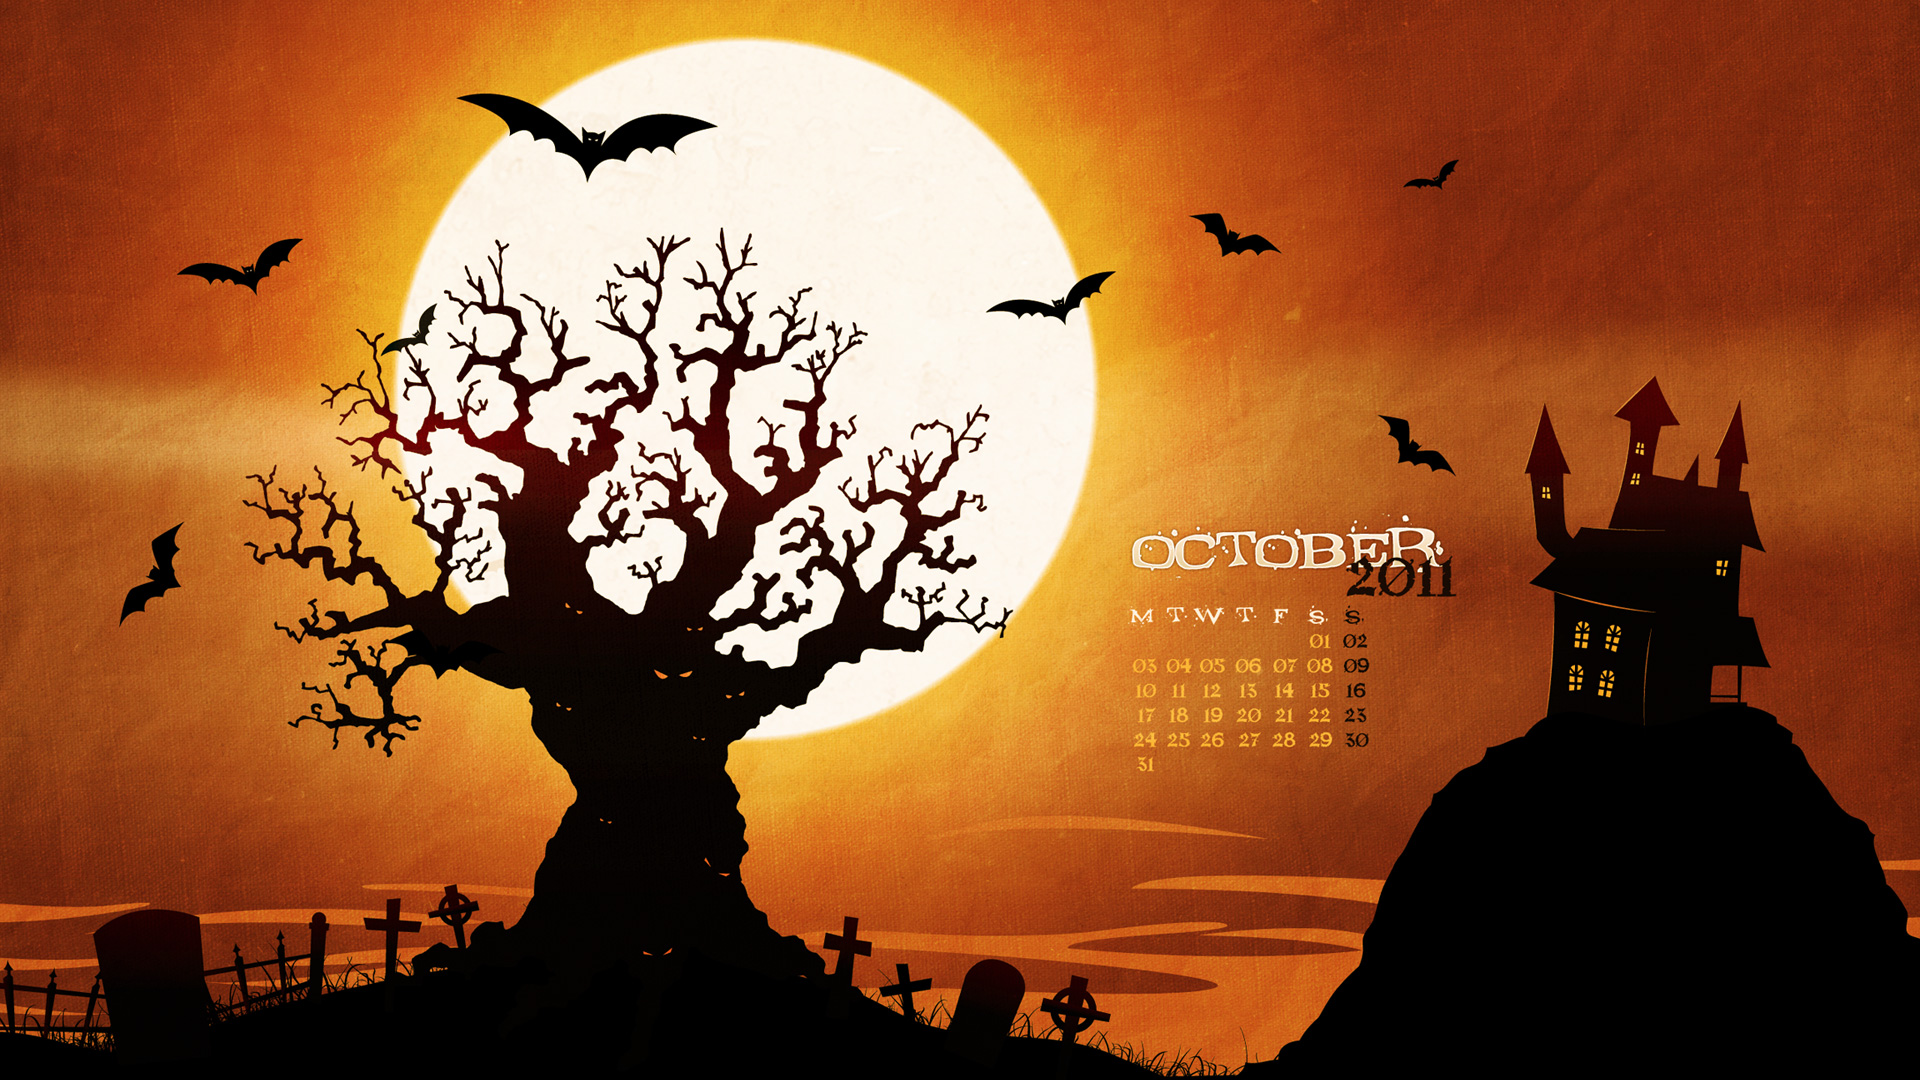 Calendar Wallpaper Live Pc : Wallpapersku desktop wallpaper calendar october